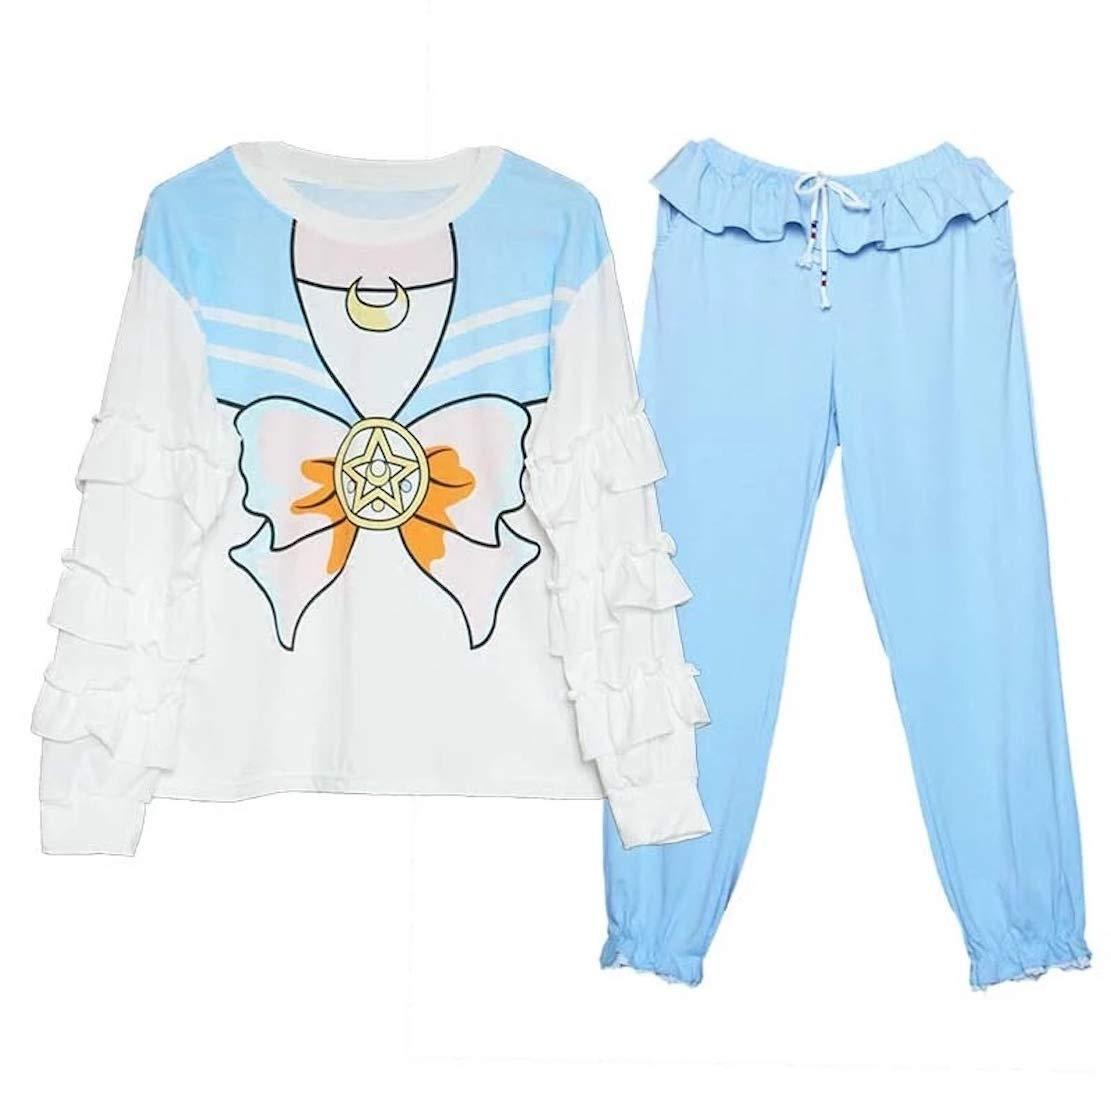 Juego de Pijama con diseño de Sailor Moon, Camiseta, Traje ...